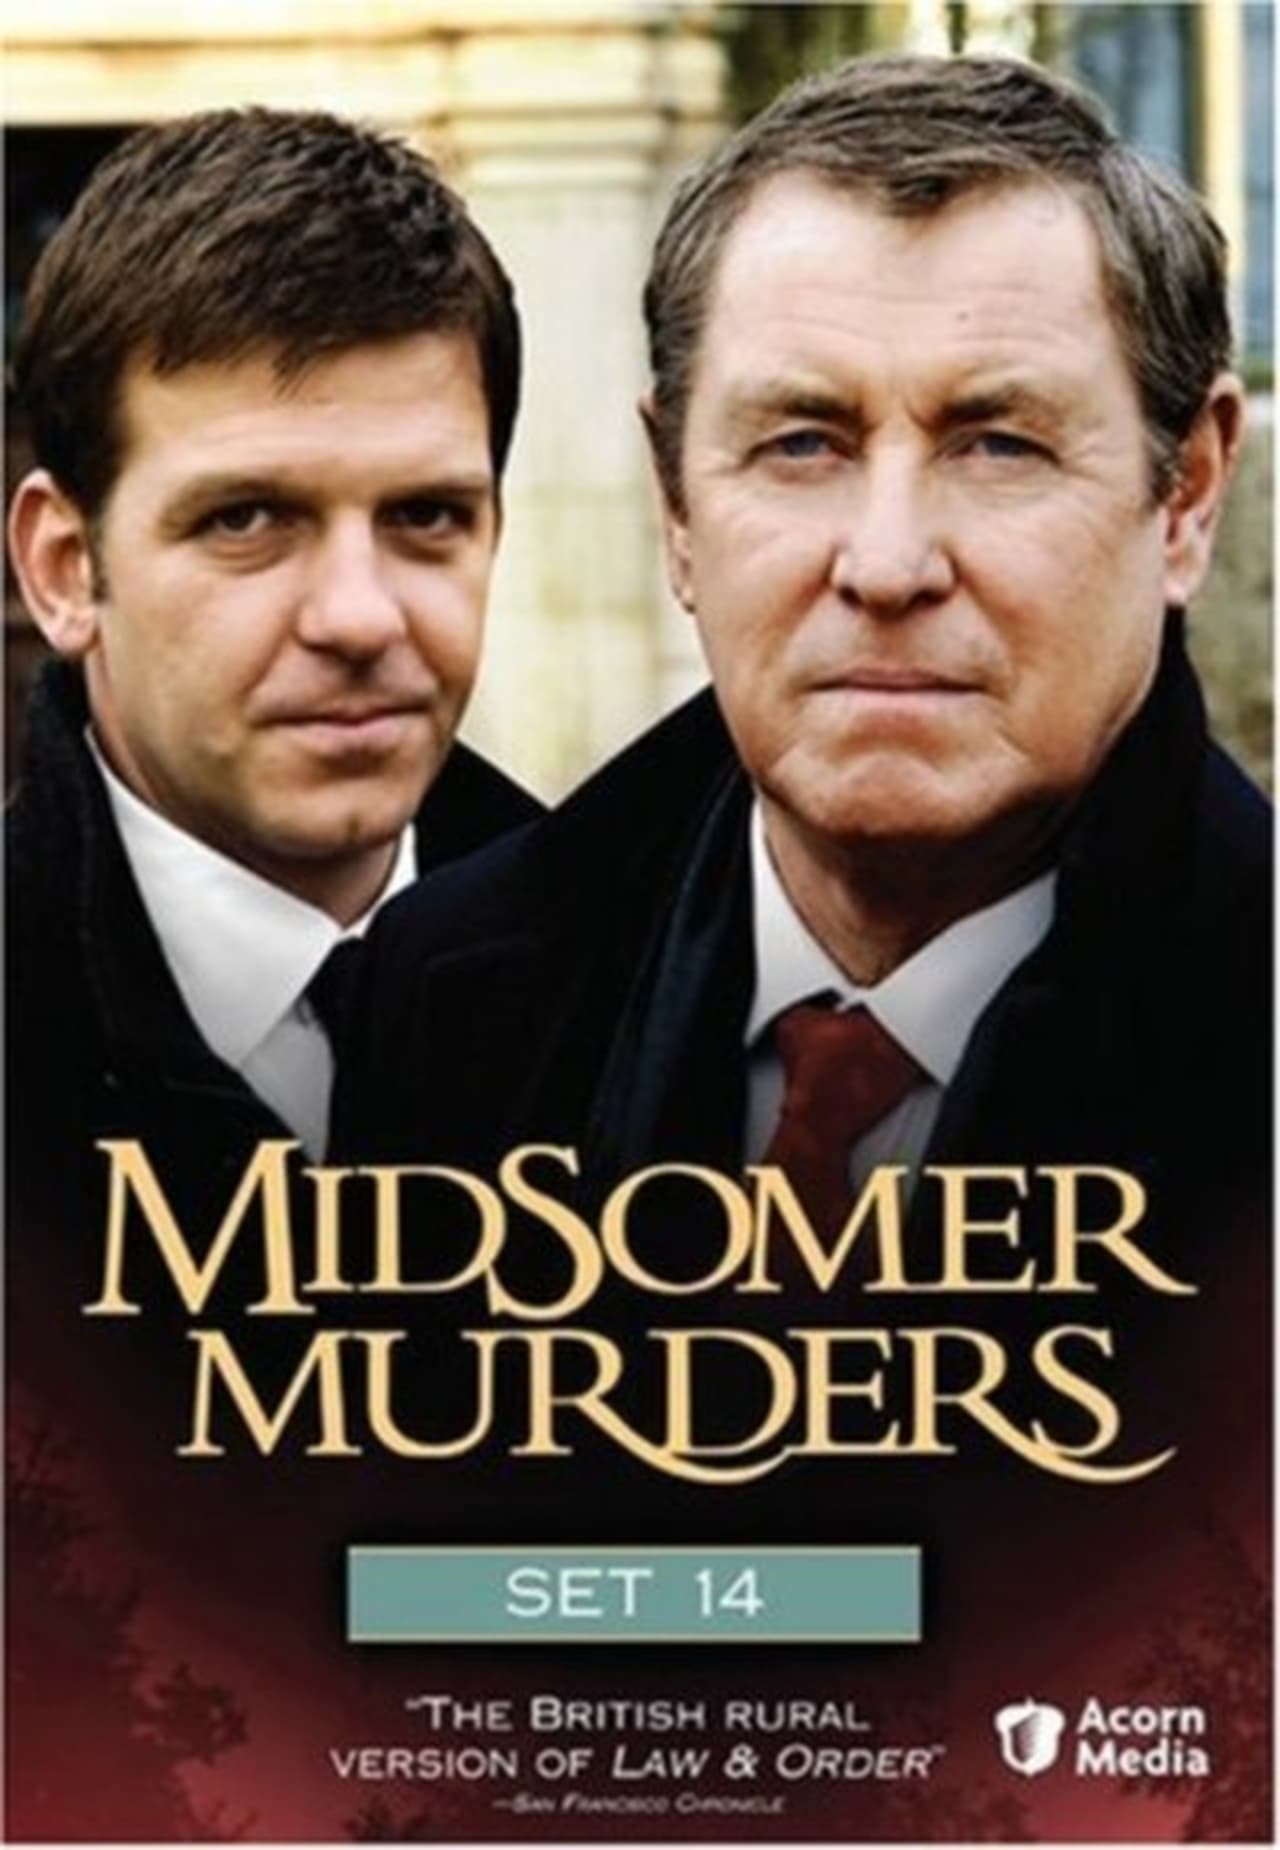 Midsomer Murders Season 14